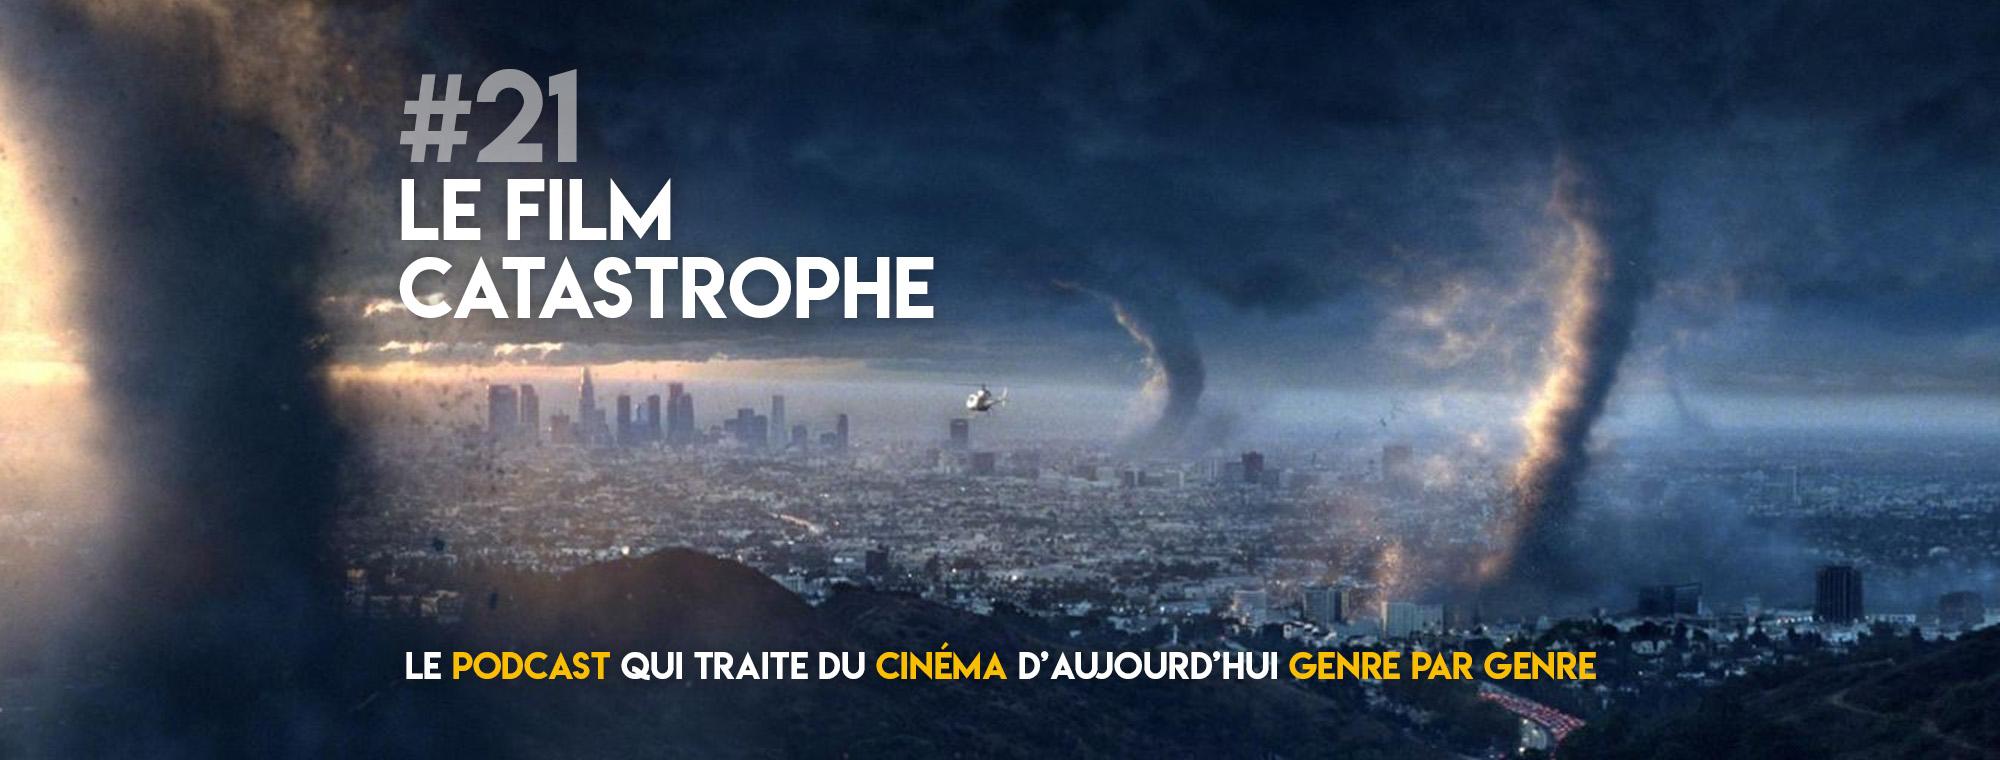 Parlons Péloches - #21 Le film catastrophe